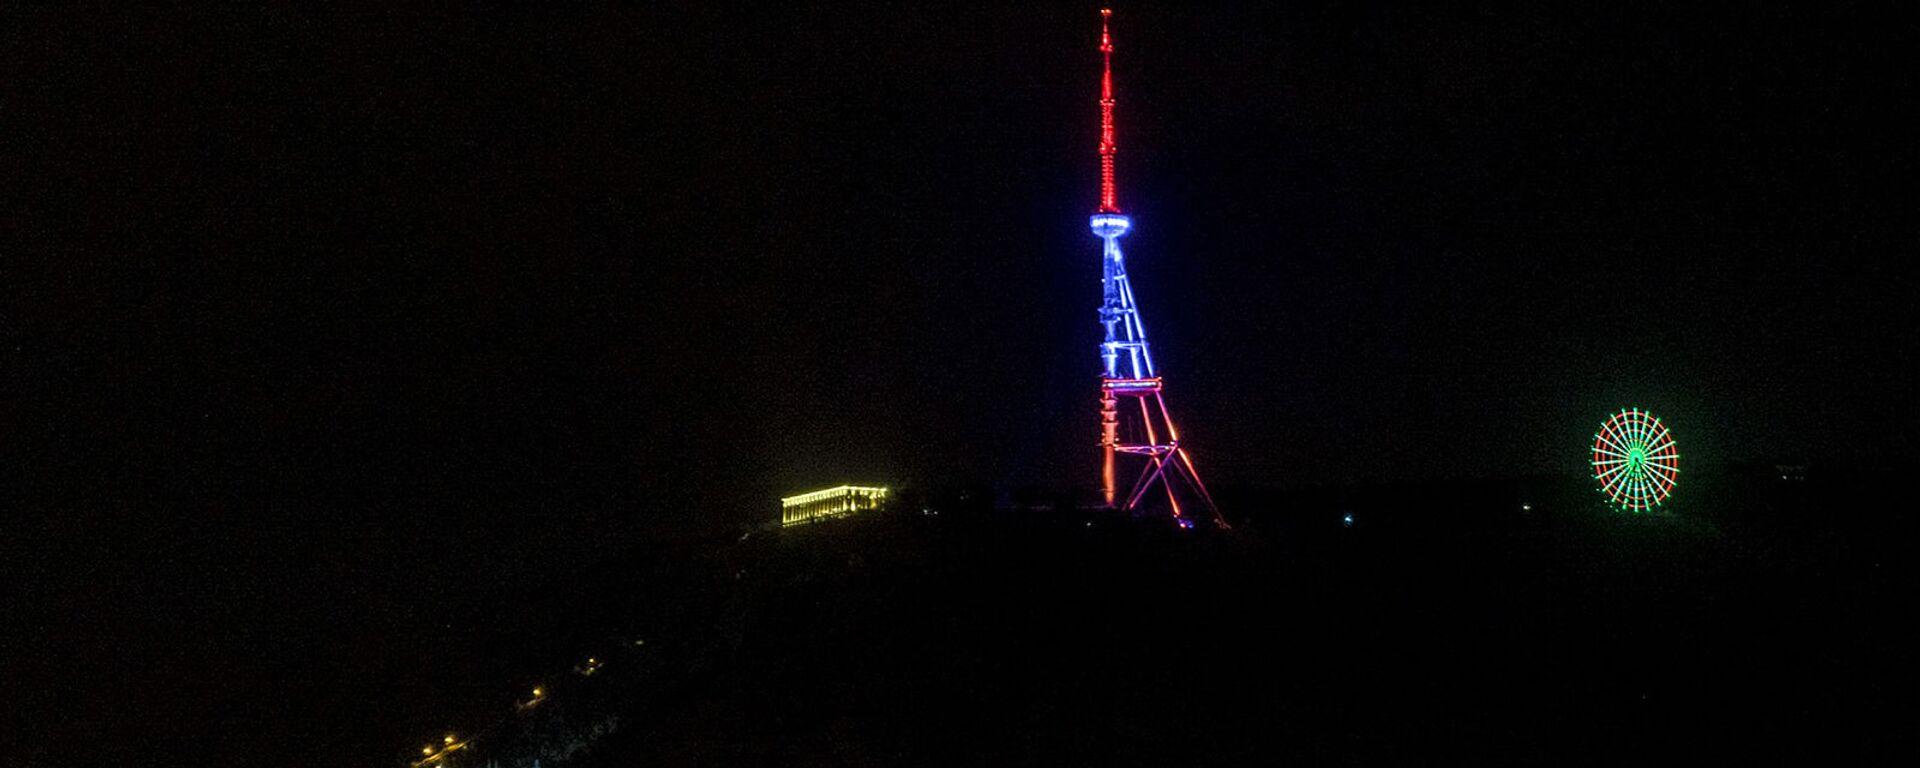 Телебашня в Тбилиси окрасилась в цвета армянского флага (21 апреля 2020). Тбилиси - Sputnik Армения, 1920, 21.09.2021